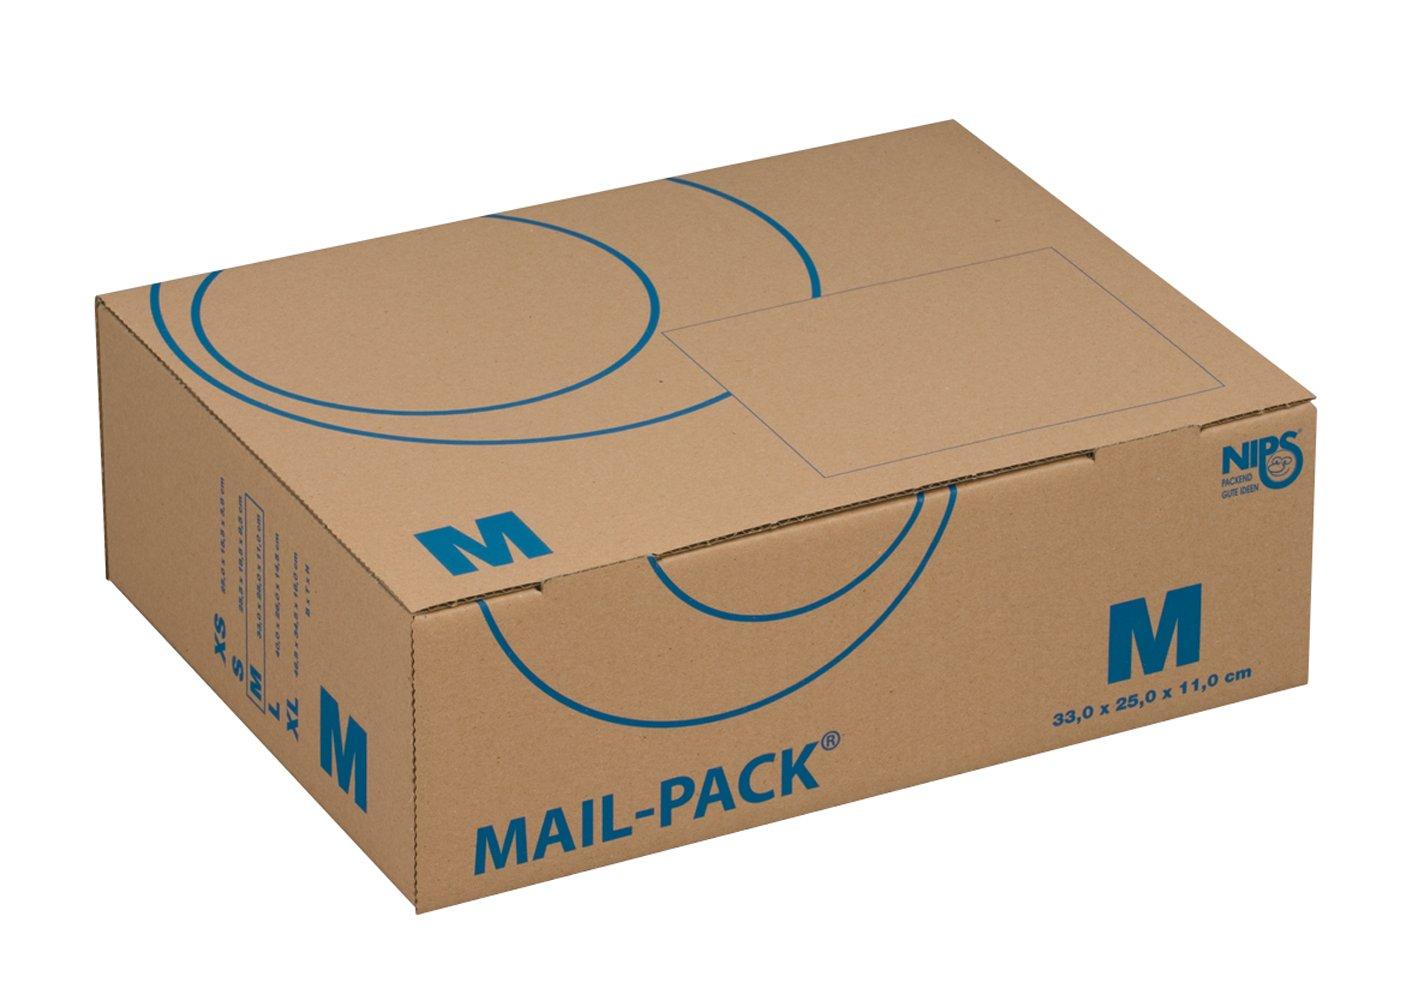 Nips - Scatola per spedizione postale, 330 x 250 x 110 mm, formato medio, confezione da 20, colore: Marrone 141312162